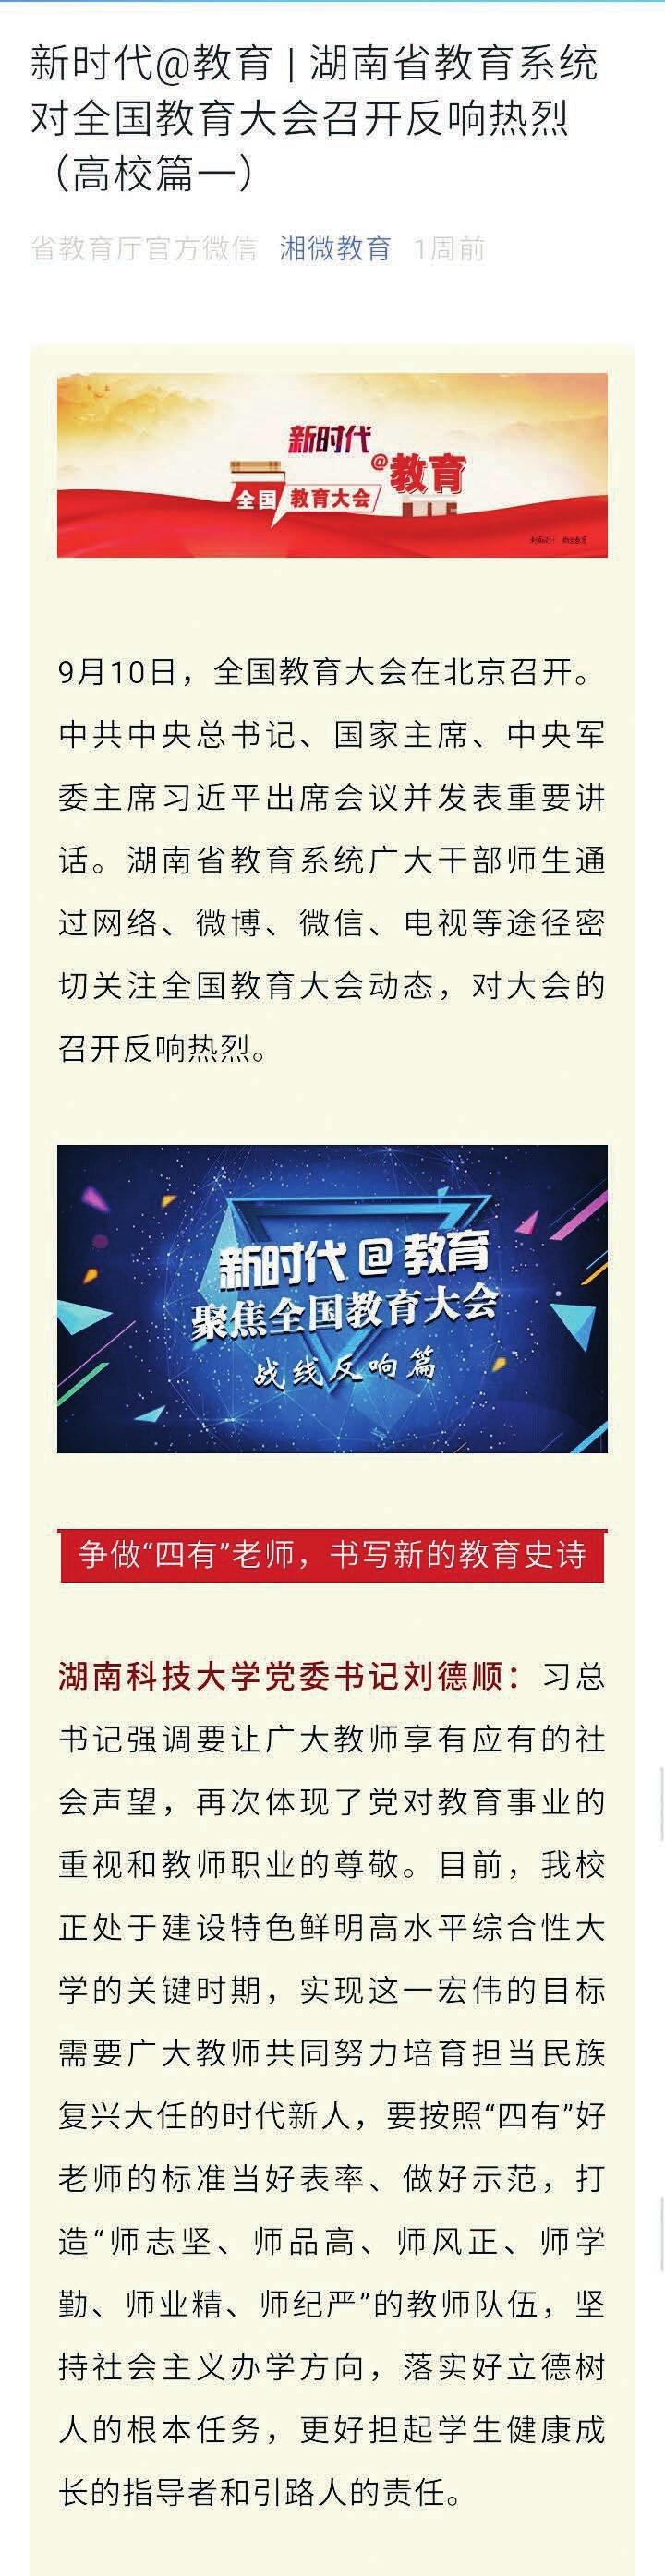 图片新闻-湖南科技大学校报电子版